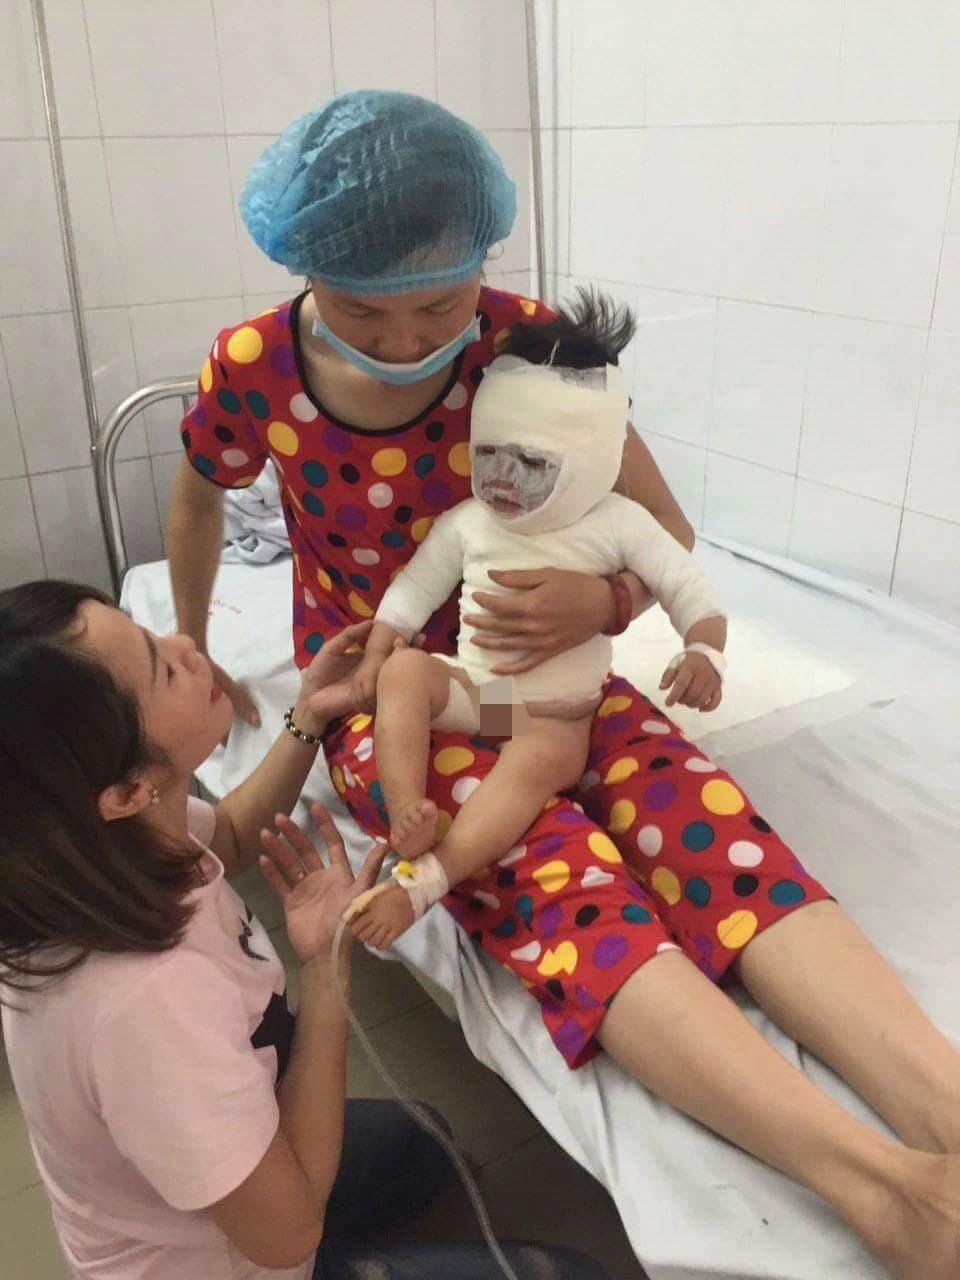 Ở nhà với ông nội, bé gái 2 tuổi bị ca nước sôi đổ vào người gây bỏng nặng - Ảnh 2